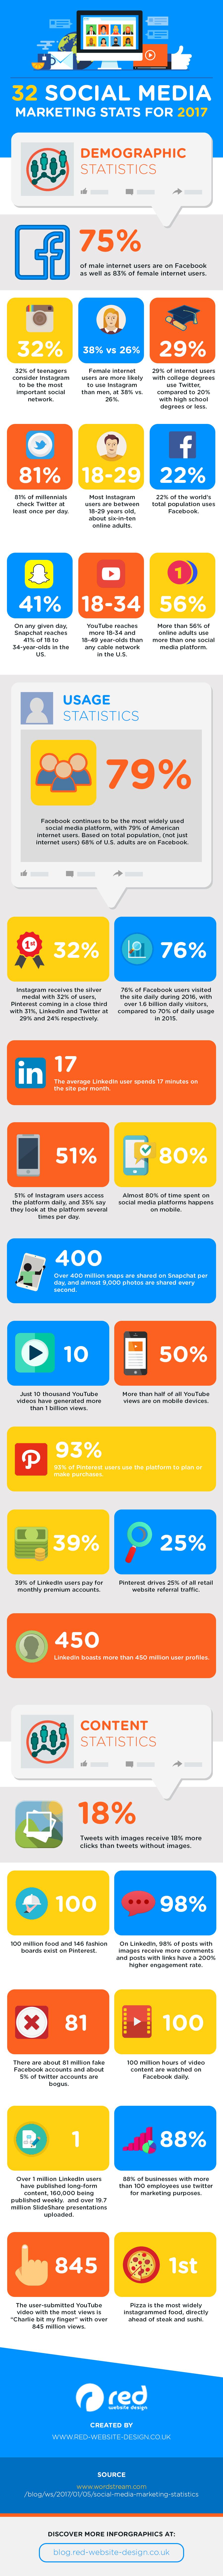 social-media-32-stats